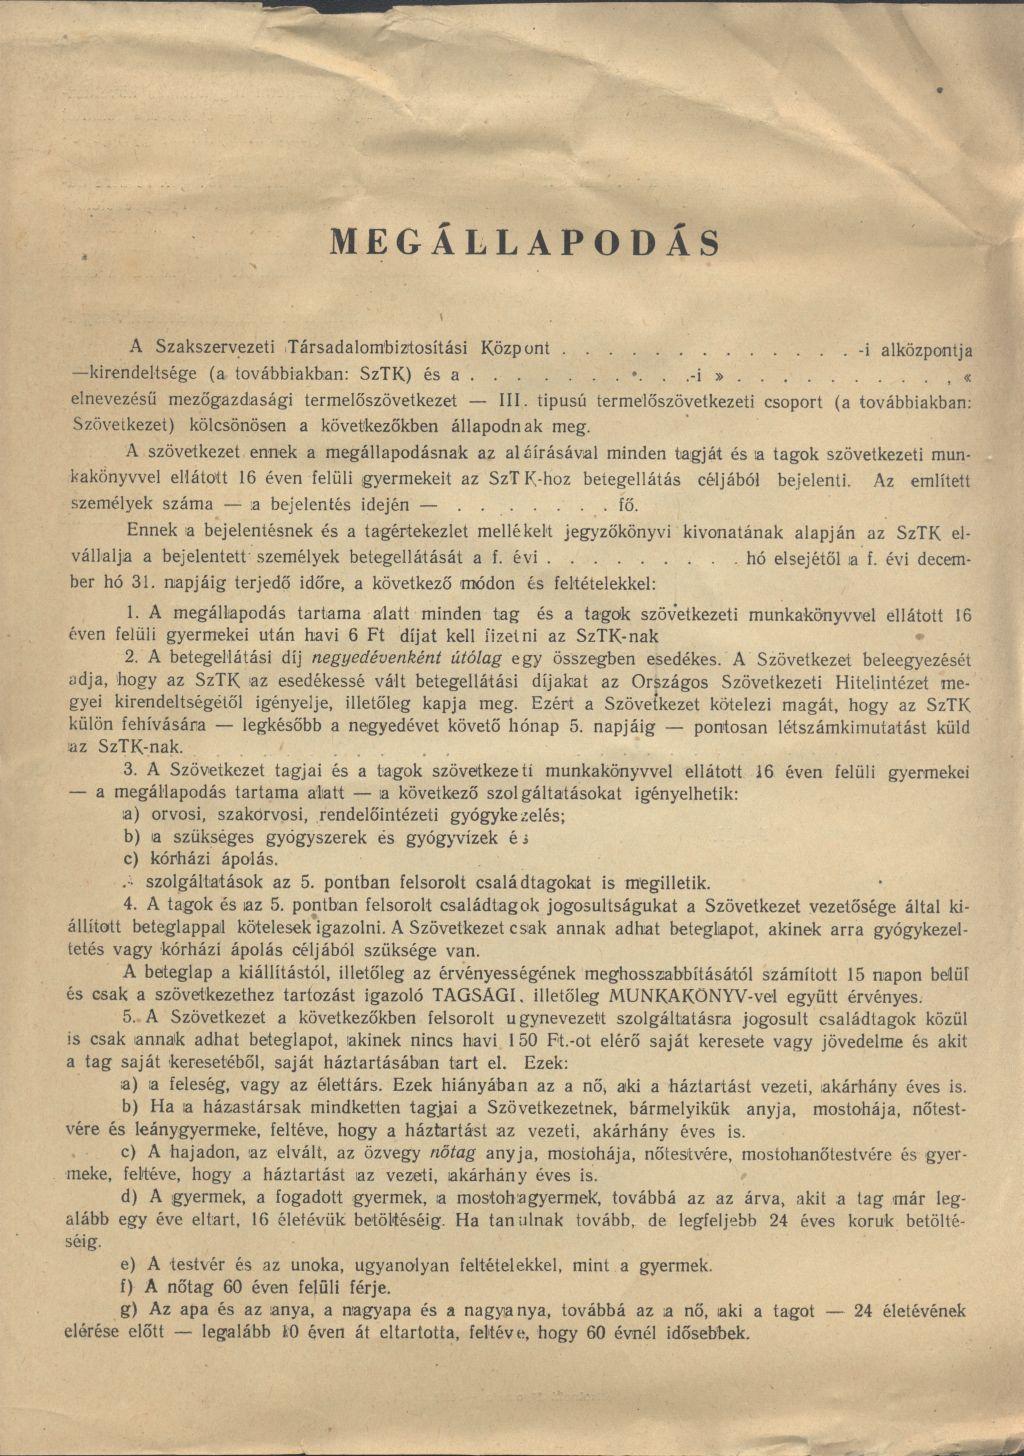 SZTK-Termelőszövetkezet közötti megállapodás